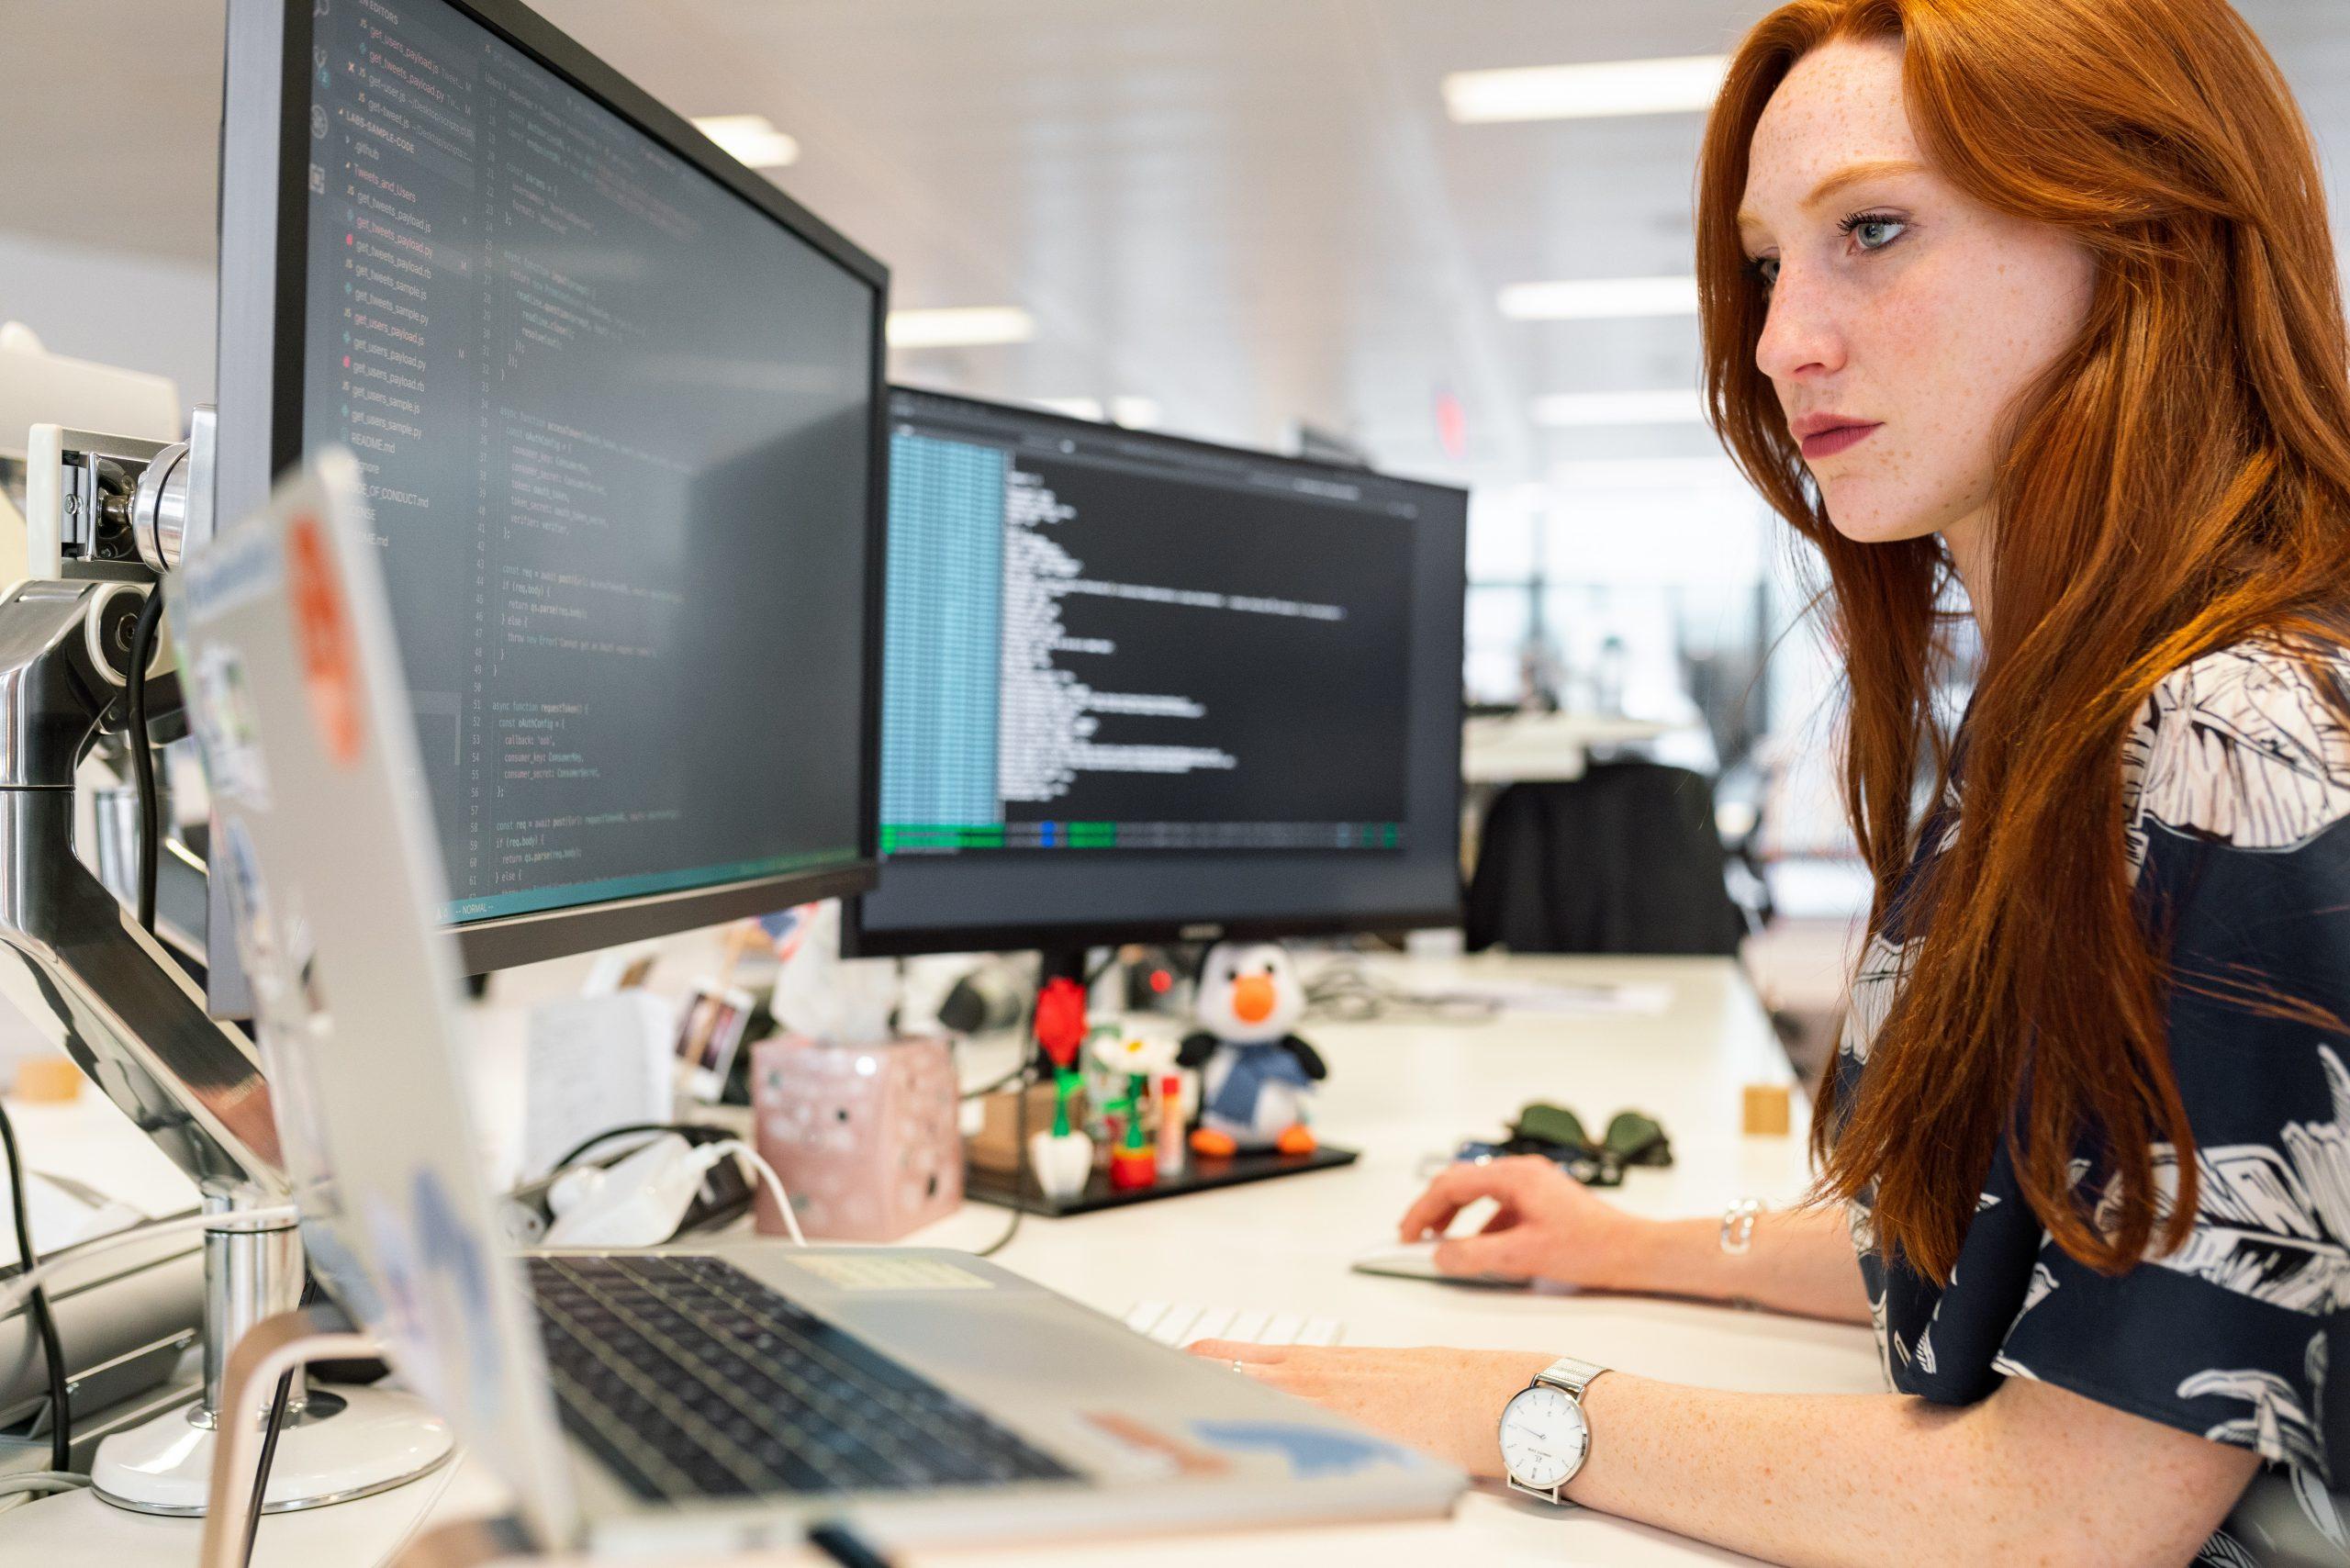 Como-estimar-o-esforço-para-o-desenvolvimento-de-software